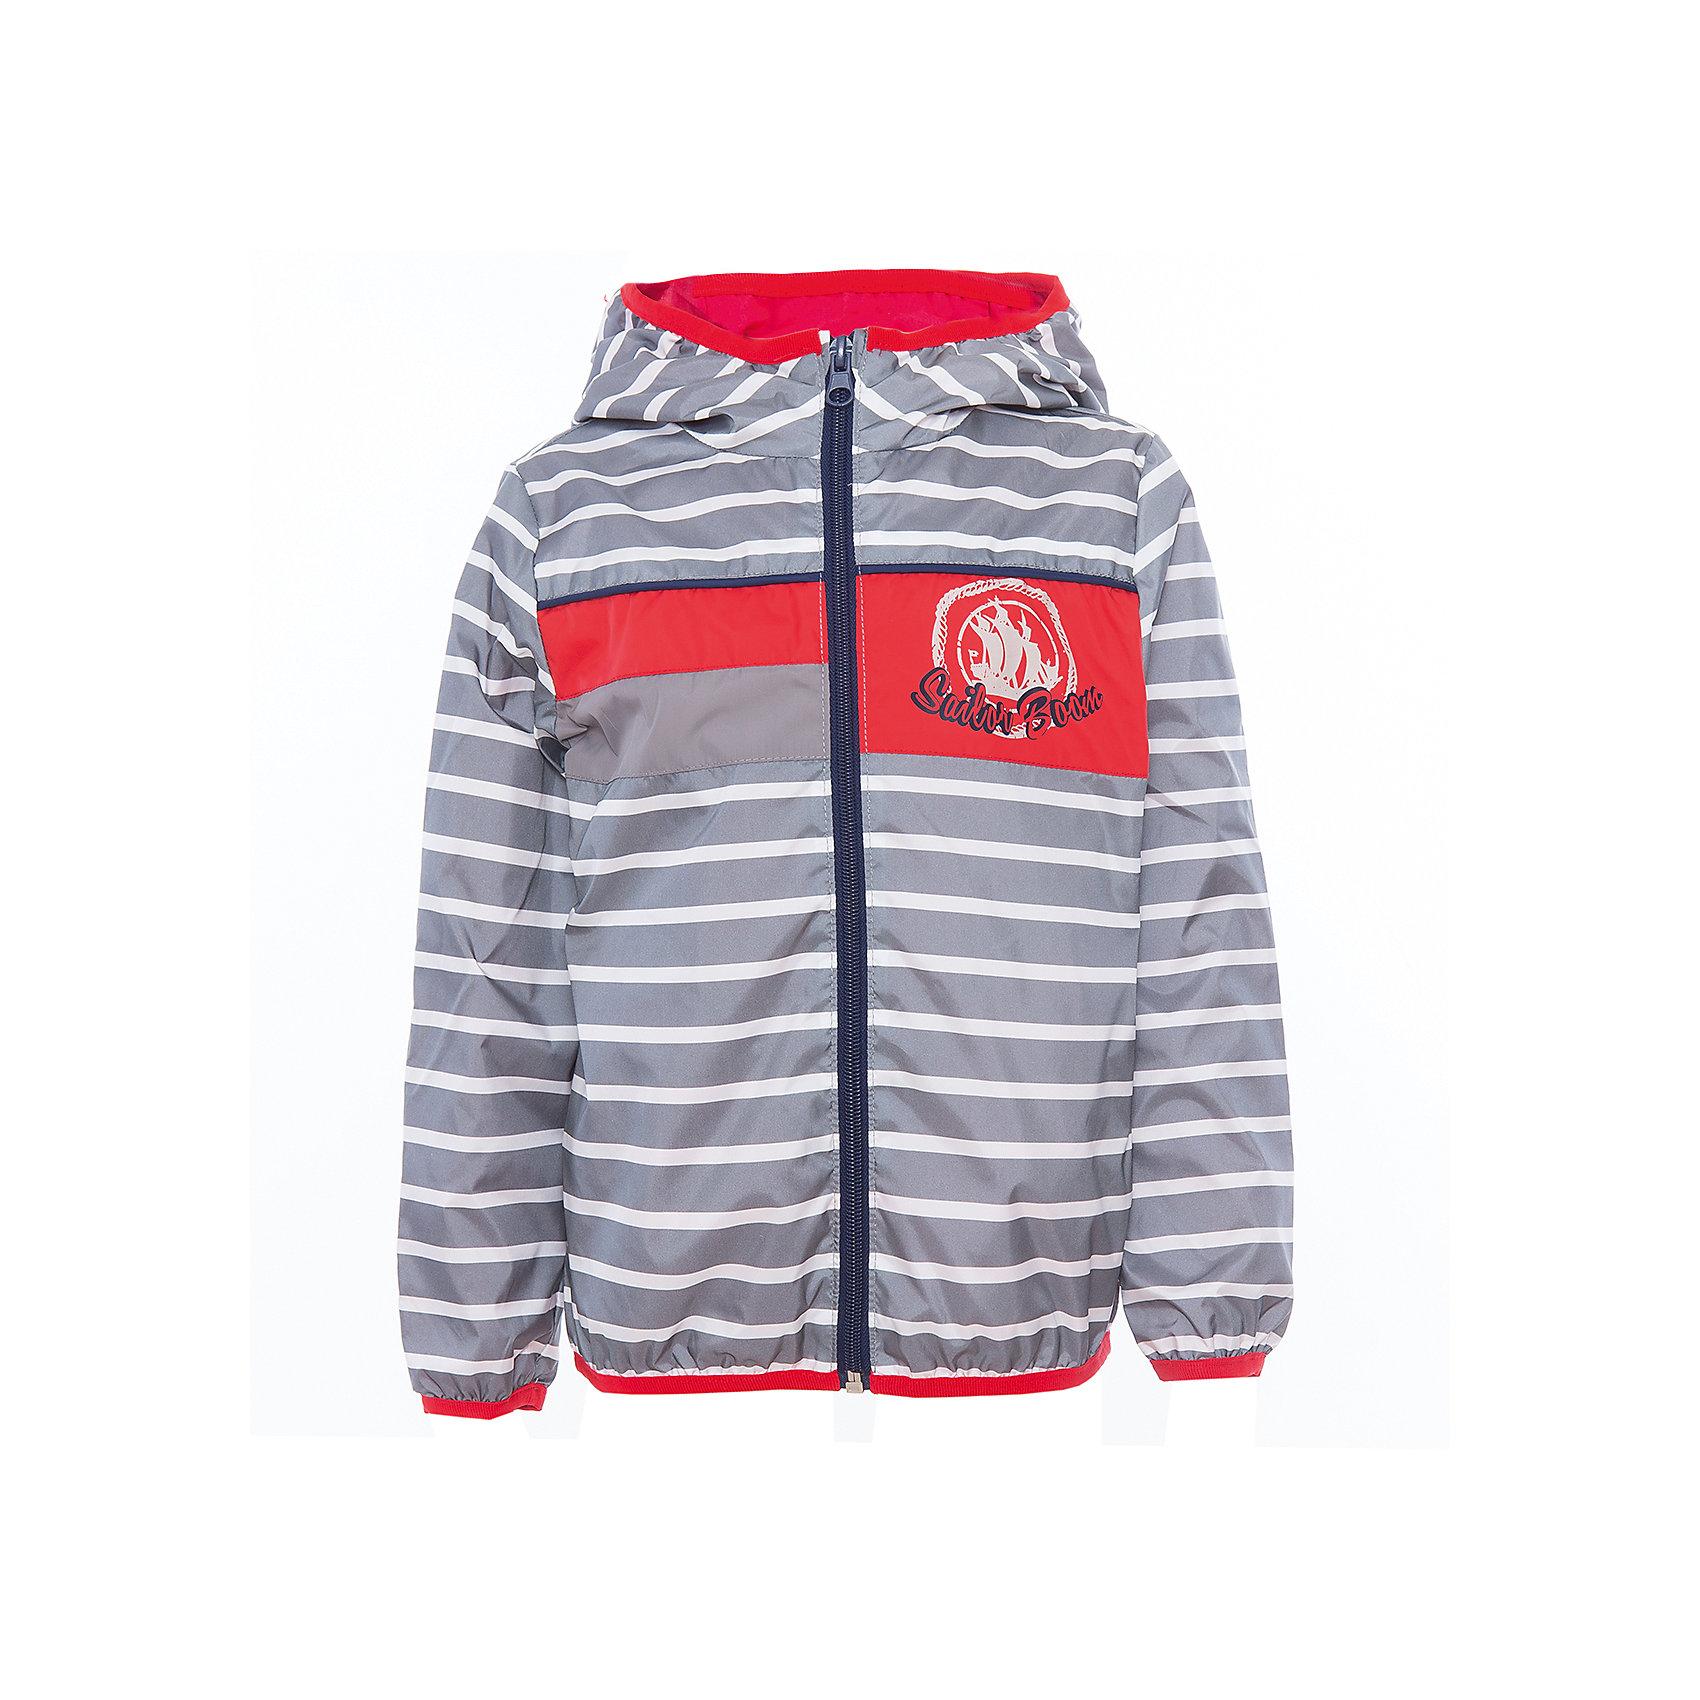 Куртка для мальчика BOOM by OrbyВерхняя одежда<br>Характеристики товара:<br><br>• цвет: серый<br>• состав: верх - таффета, подкладка - поликоттон, полиэстер, без утеплителя<br>• температурный режим: от +5° до +15°С<br>• пропитка от промокания<br>• застежка - молния<br>• капюшон <br>• украшена принтом<br>• легкая<br>• комфортная посадка<br>• страна производства: Российская Федерация<br>• страна бренда: Российская Федерация<br>• коллекция: весна-лето 2017<br><br>Легкая куртка - универсальный вариант и для прохладного летнего вечера, и для теплого межсезонья. Эта модель - модная и удобная одновременно! Изделие отличается стильным ярким дизайном. Куртка хорошо сидит по фигуре, отлично сочетается с различным низом. Вещь была разработана специально для детей.<br><br>Одежда от российского бренда BOOM by Orby уже завоевала популярностью у многих детей и их родителей. Вещи, выпускаемые компанией, качественные, продуманные и очень удобные. Для производства коллекций используются только безопасные для детей материалы. Спешите приобрести модели из новой коллекции Весна-лето 2017! <br><br>Куртку для мальчика от бренда BOOM by Orby можно купить в нашем интернет-магазине.<br><br>Ширина мм: 356<br>Глубина мм: 10<br>Высота мм: 245<br>Вес г: 519<br>Цвет: серый<br>Возраст от месяцев: 24<br>Возраст до месяцев: 36<br>Пол: Мужской<br>Возраст: Детский<br>Размер: 98,110,116,122,128,134,140,146,152,158,104,86,92<br>SKU: 5343904